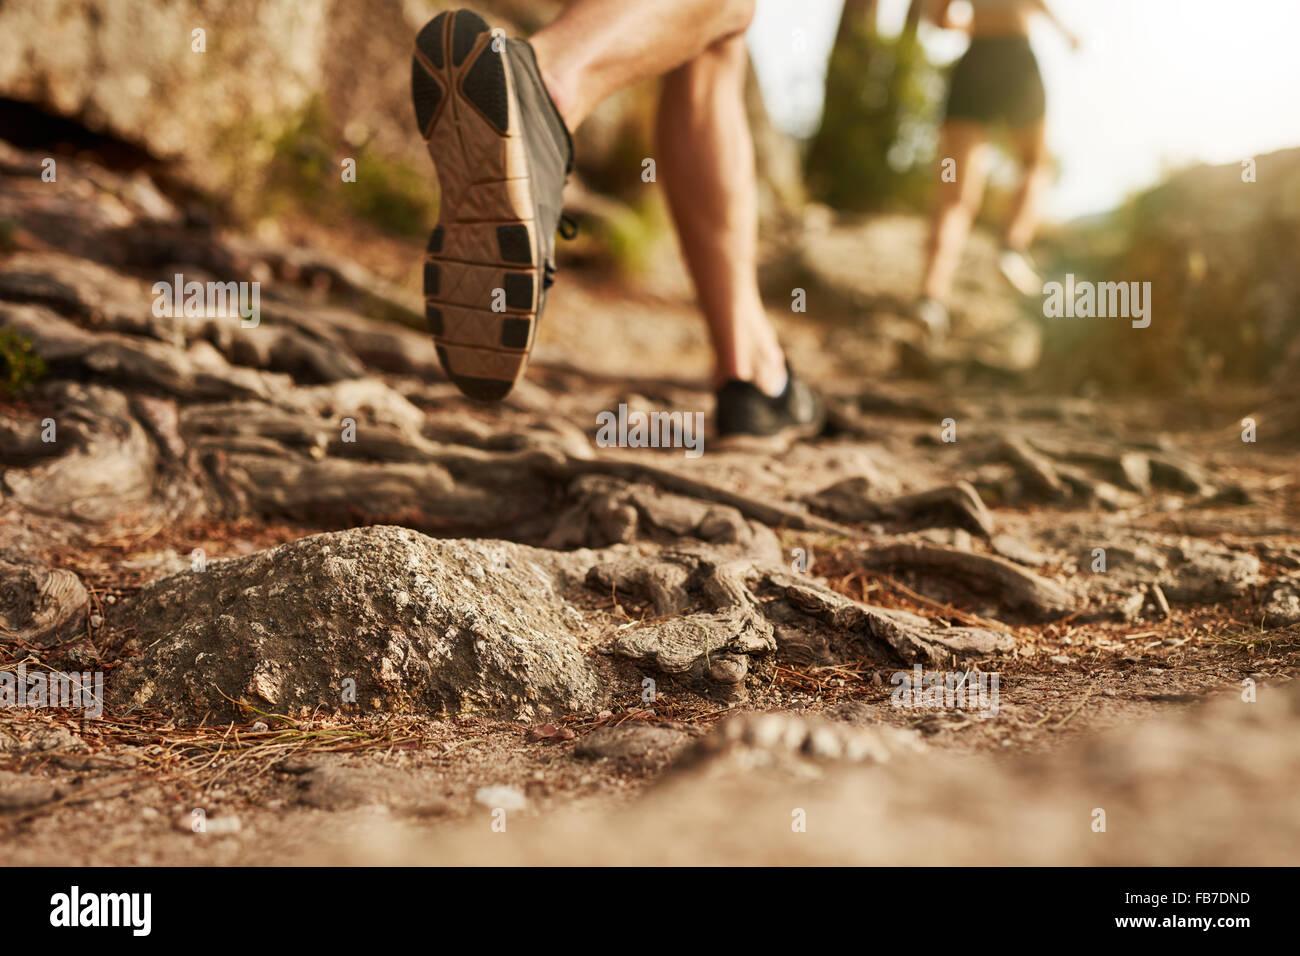 Querfeldein laufen. Nahaufnahme der männliche Füße laufen durch felsiges Gelände. Fokus auf Stockbild